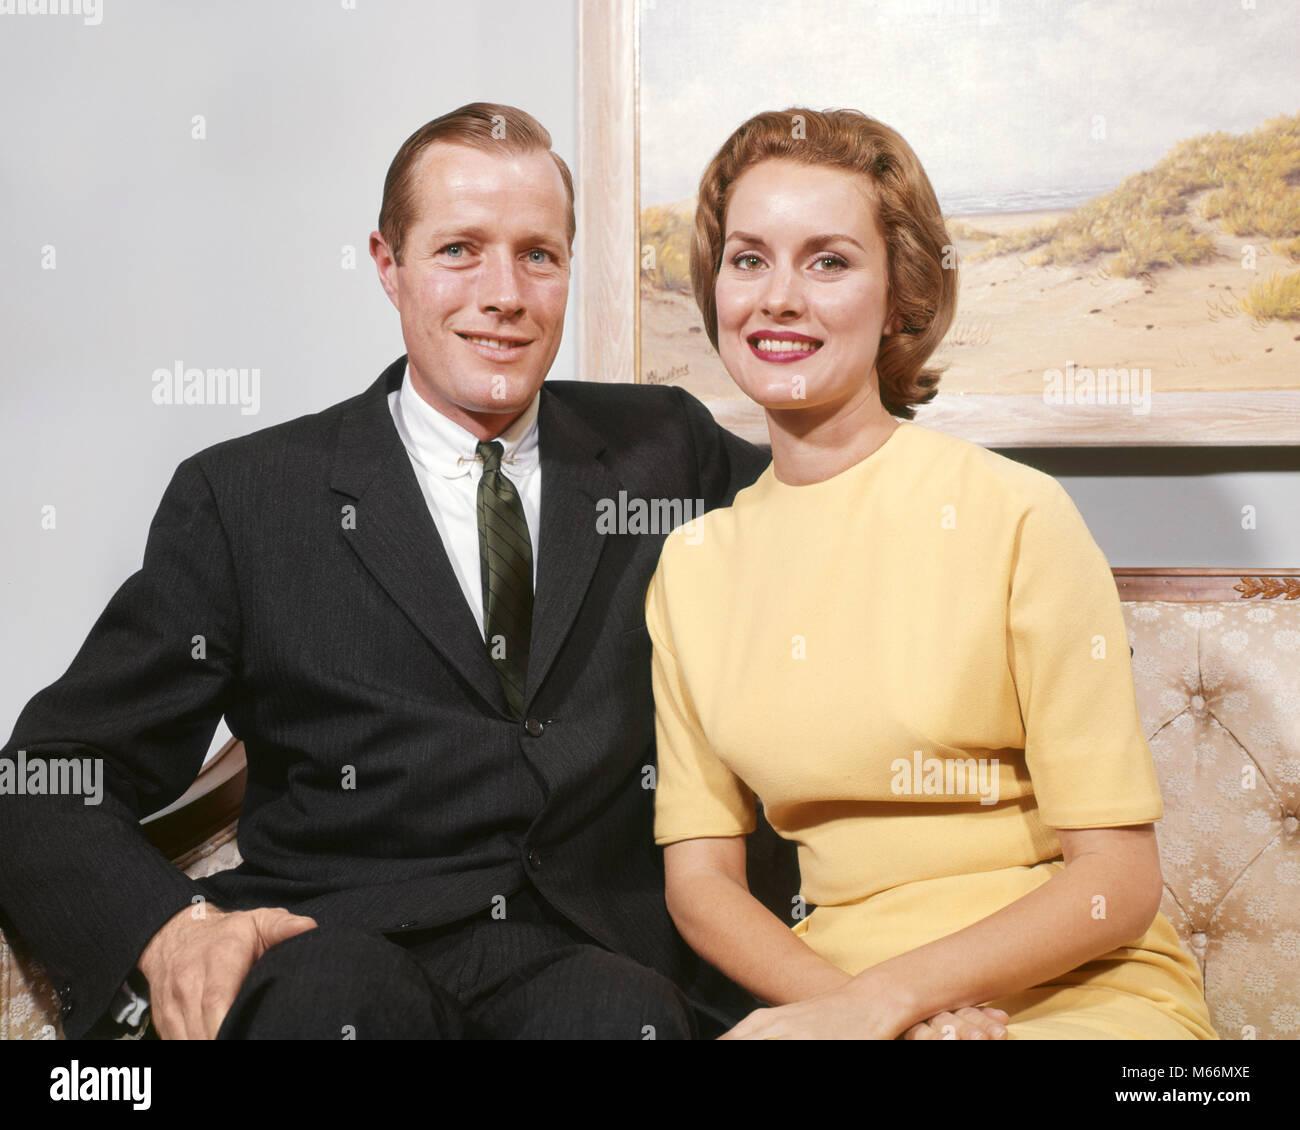 1960 atar sonriendo a vestido SENTADA en UN EN mirando feliz con traje de un cámara KP604 mujer SOFÁ pareja la la negocios a vestido amarillo hombre rpwSqrx7O